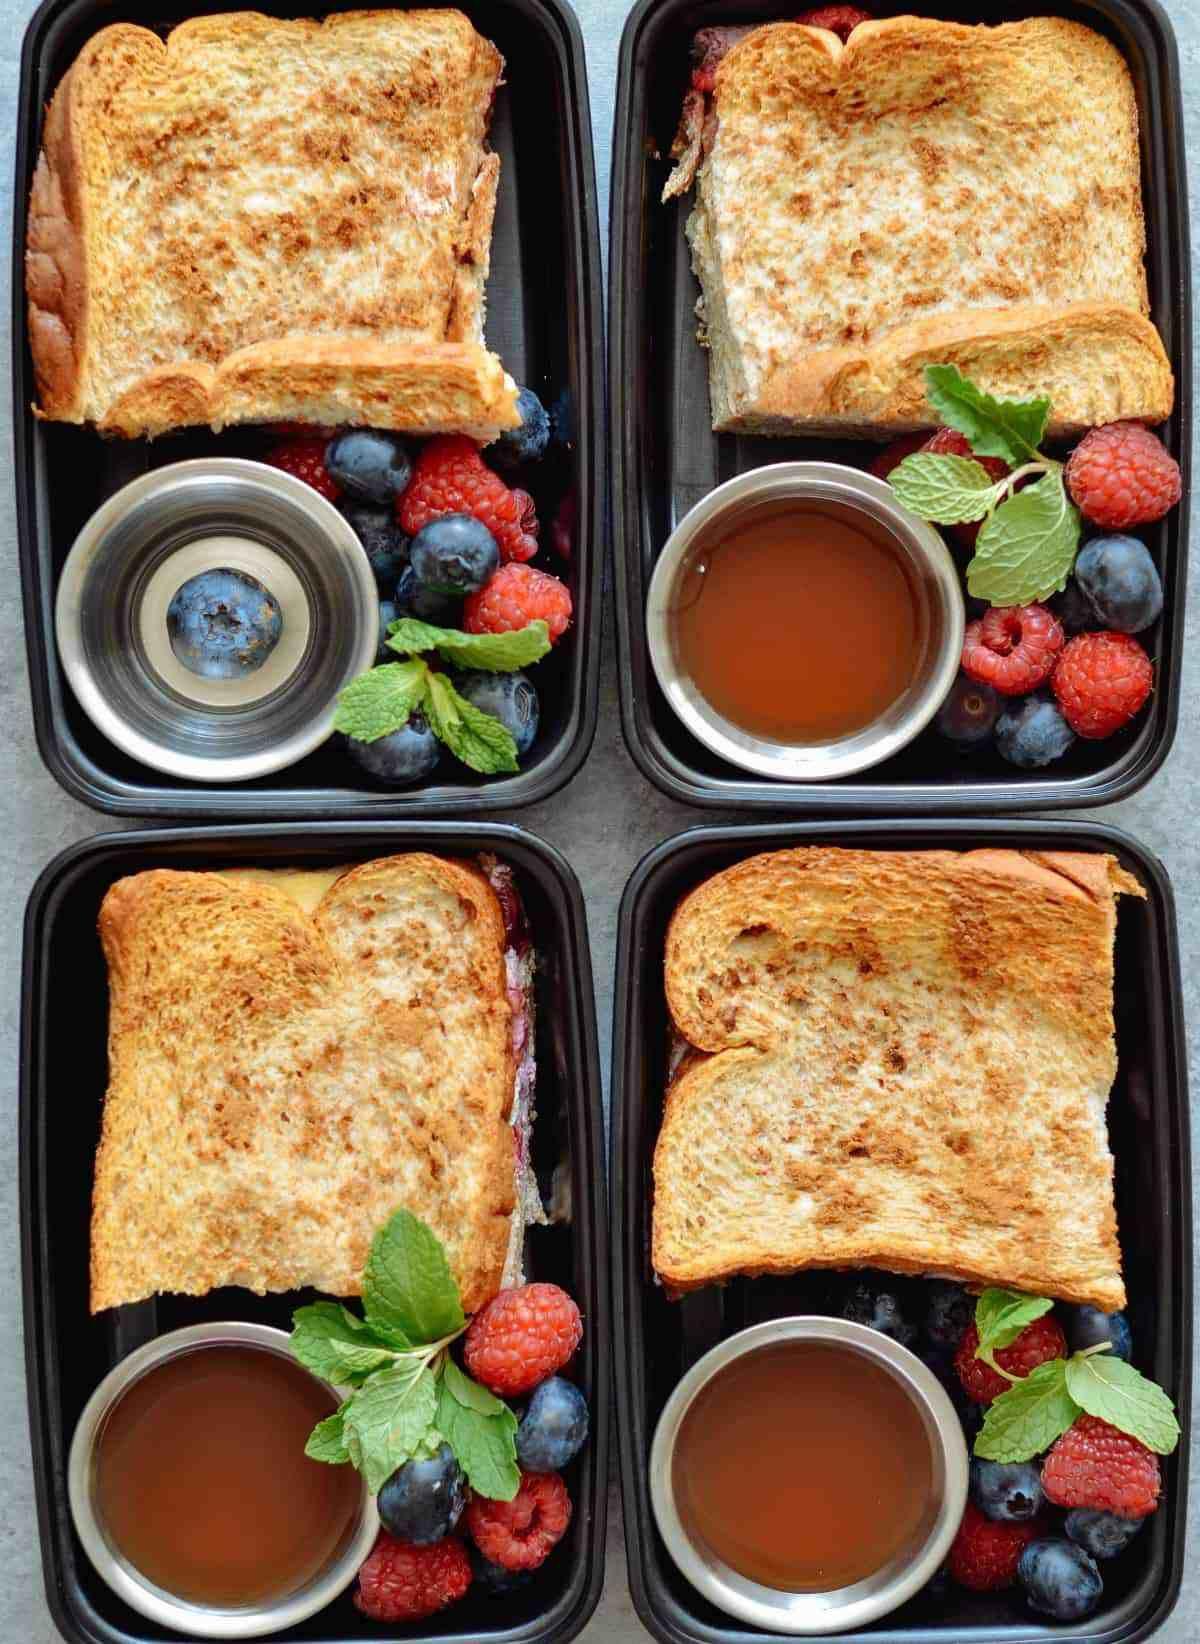 Stuffed French Toast Meal Prep Meal Prep On Fleek Resep Resep Sarapan Menu Sarapan Sehat Sarapan Sehat